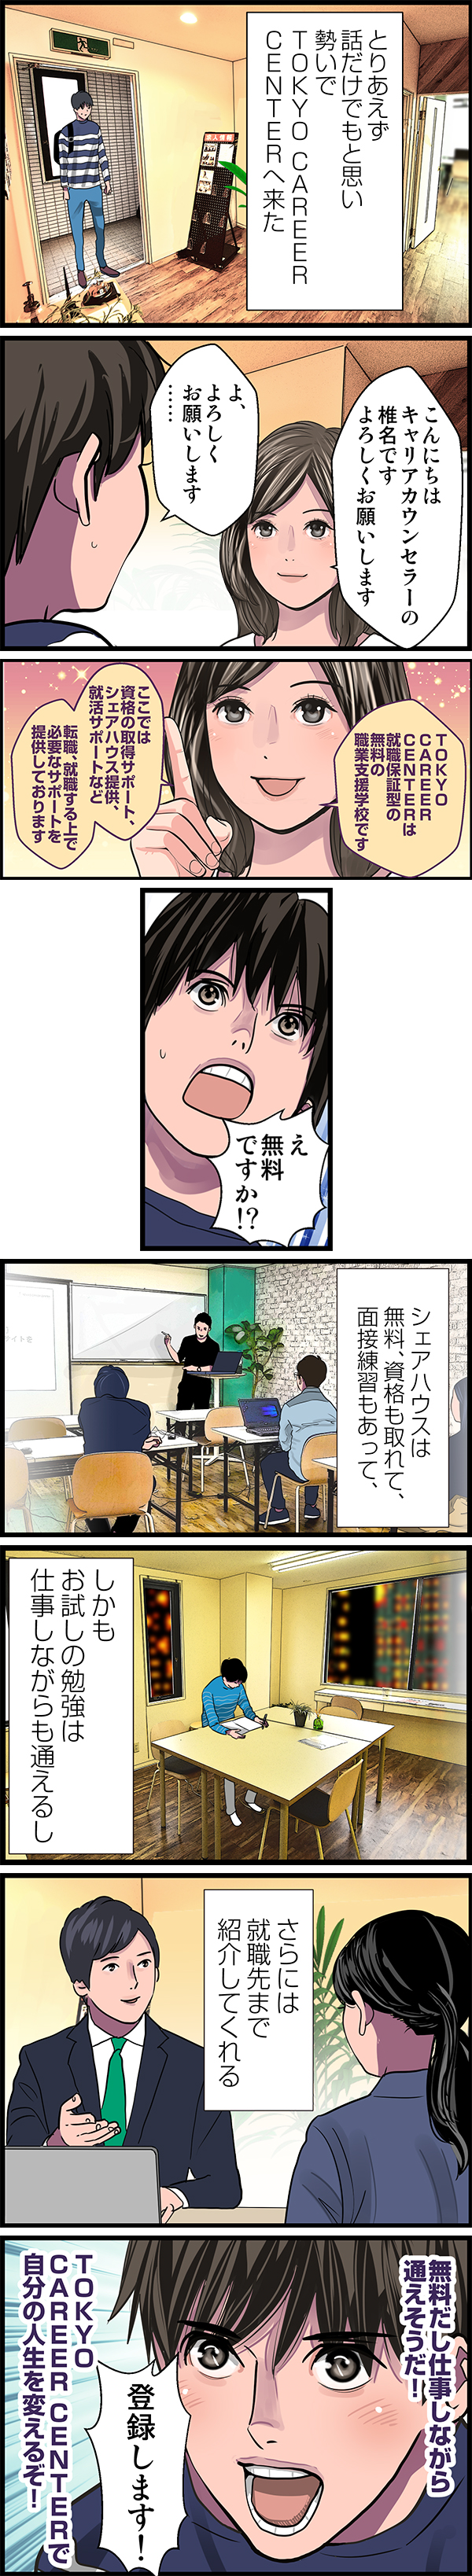 東京キャリアセンター事業の紹介漫画[画像5]